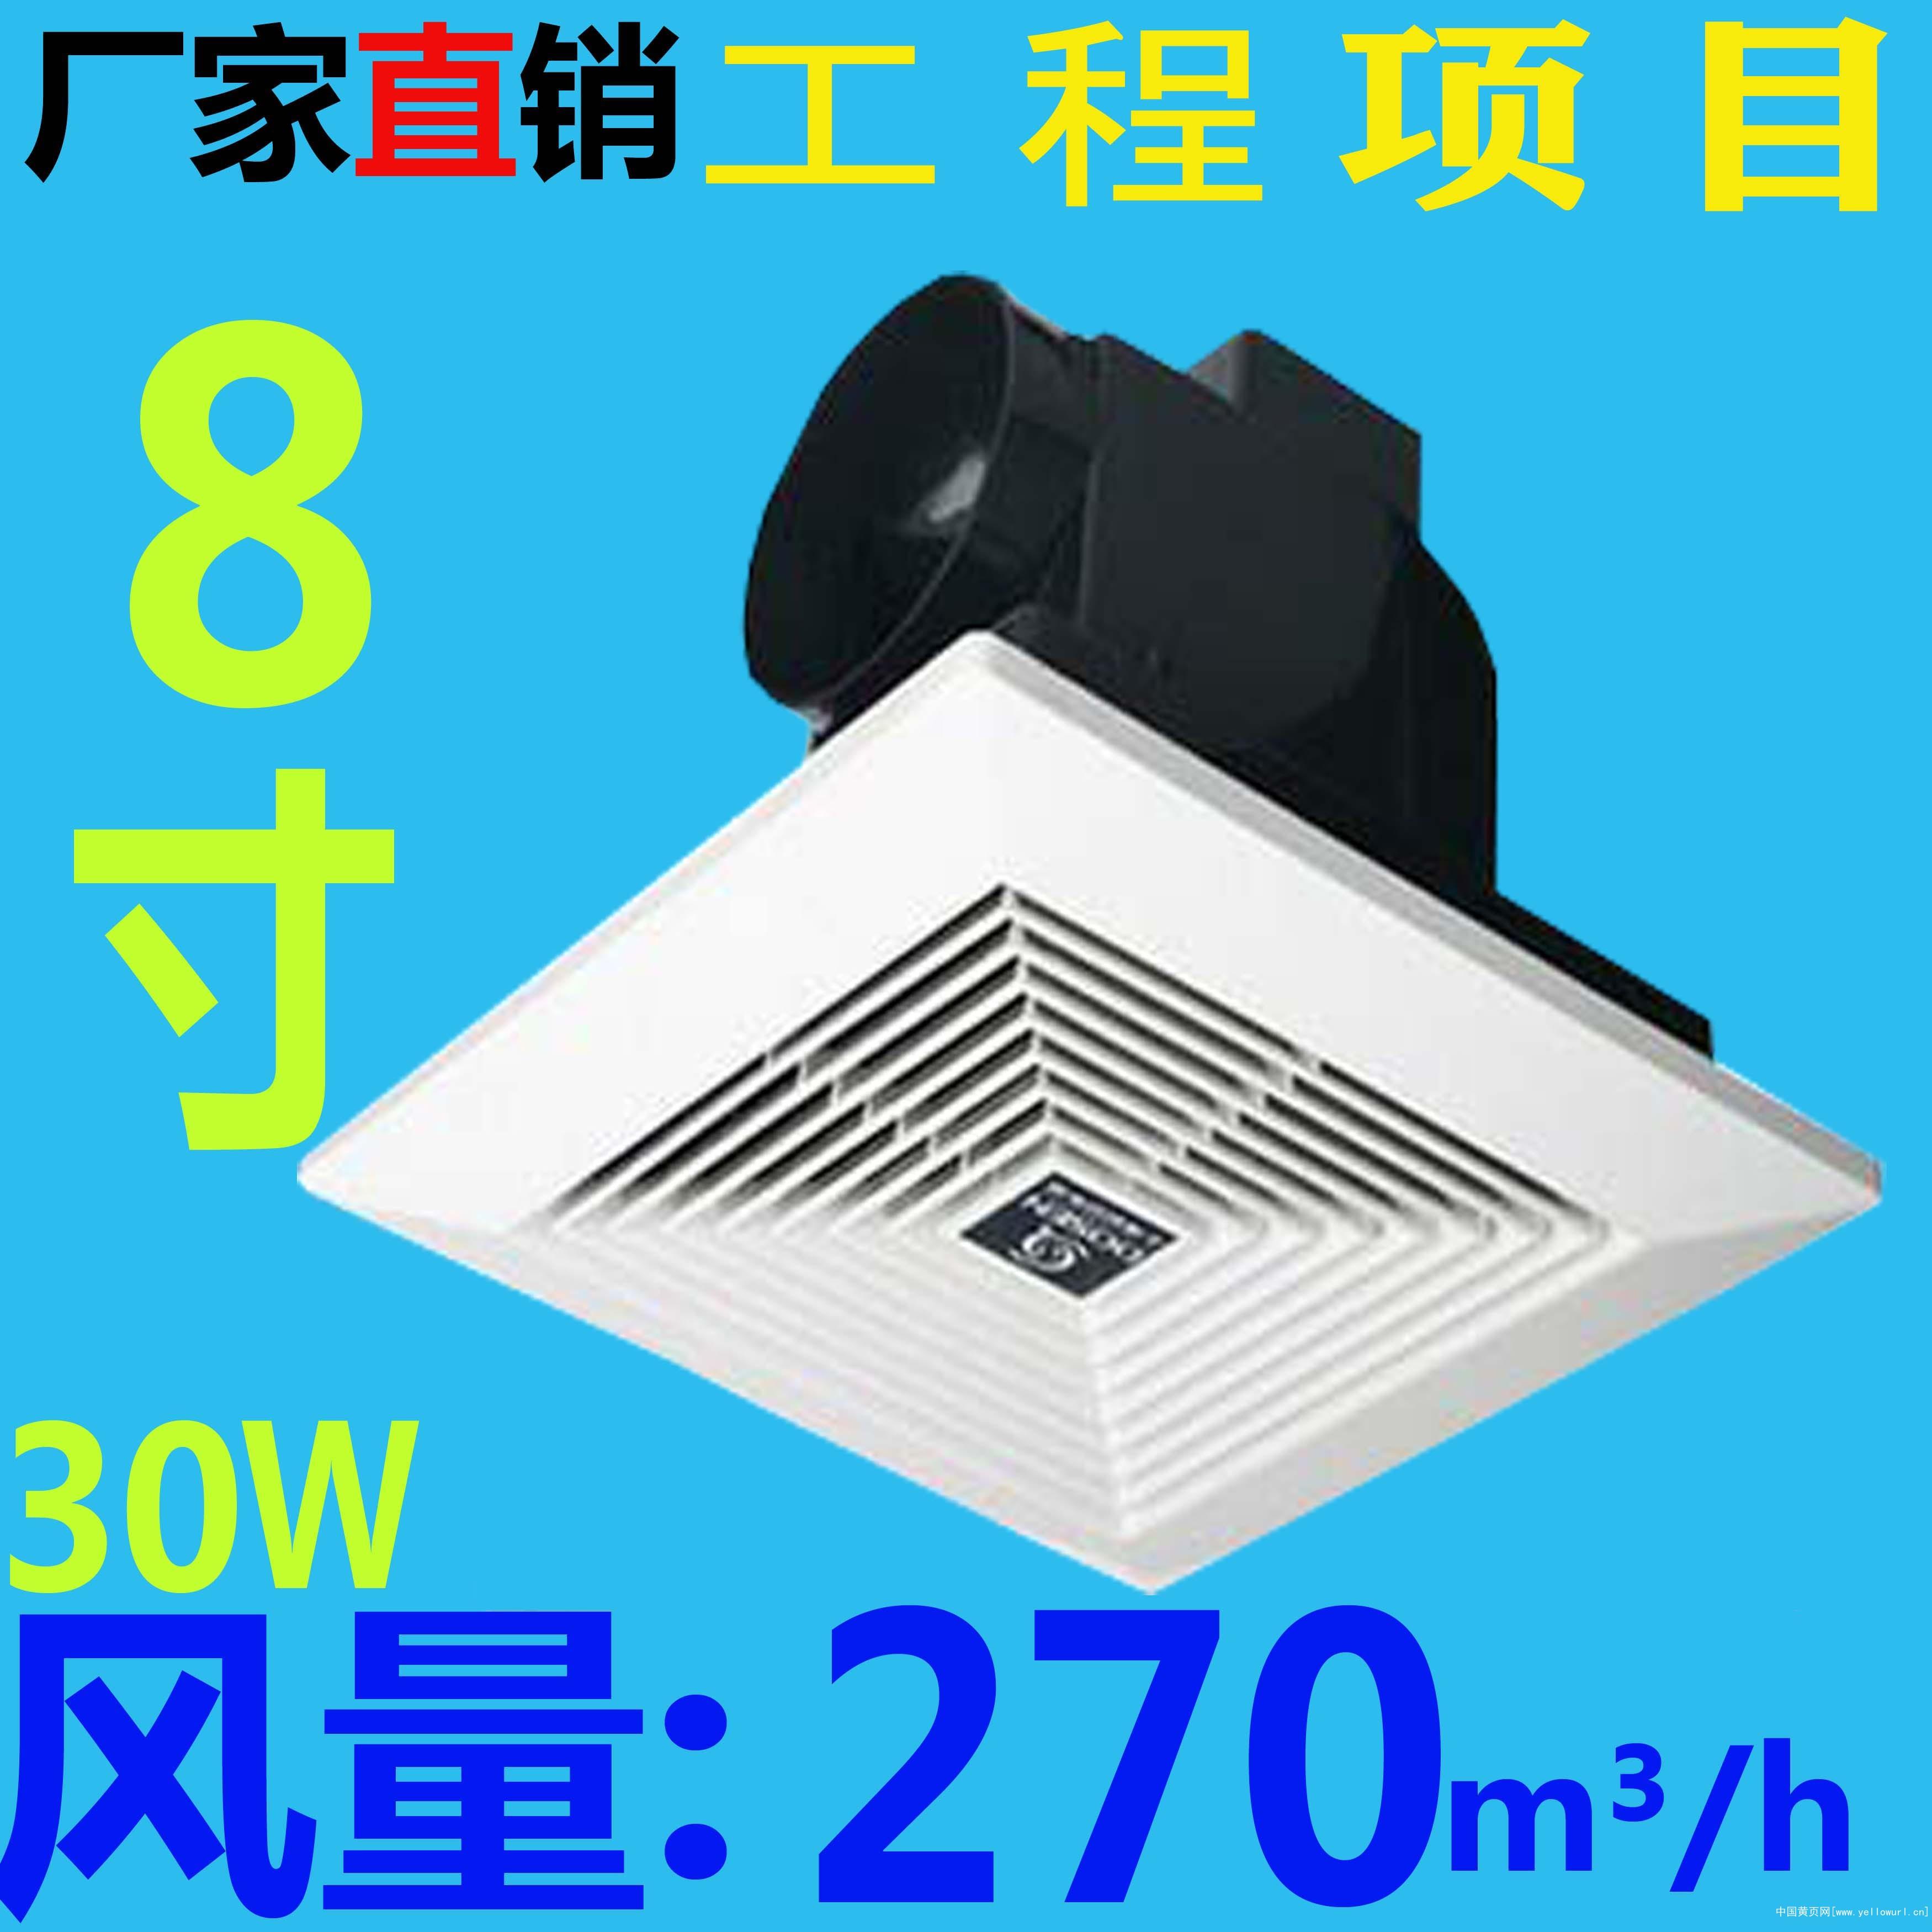 上海松日8寸换气扇格栅式 滚珠电机大风压排风扇 大风力风机